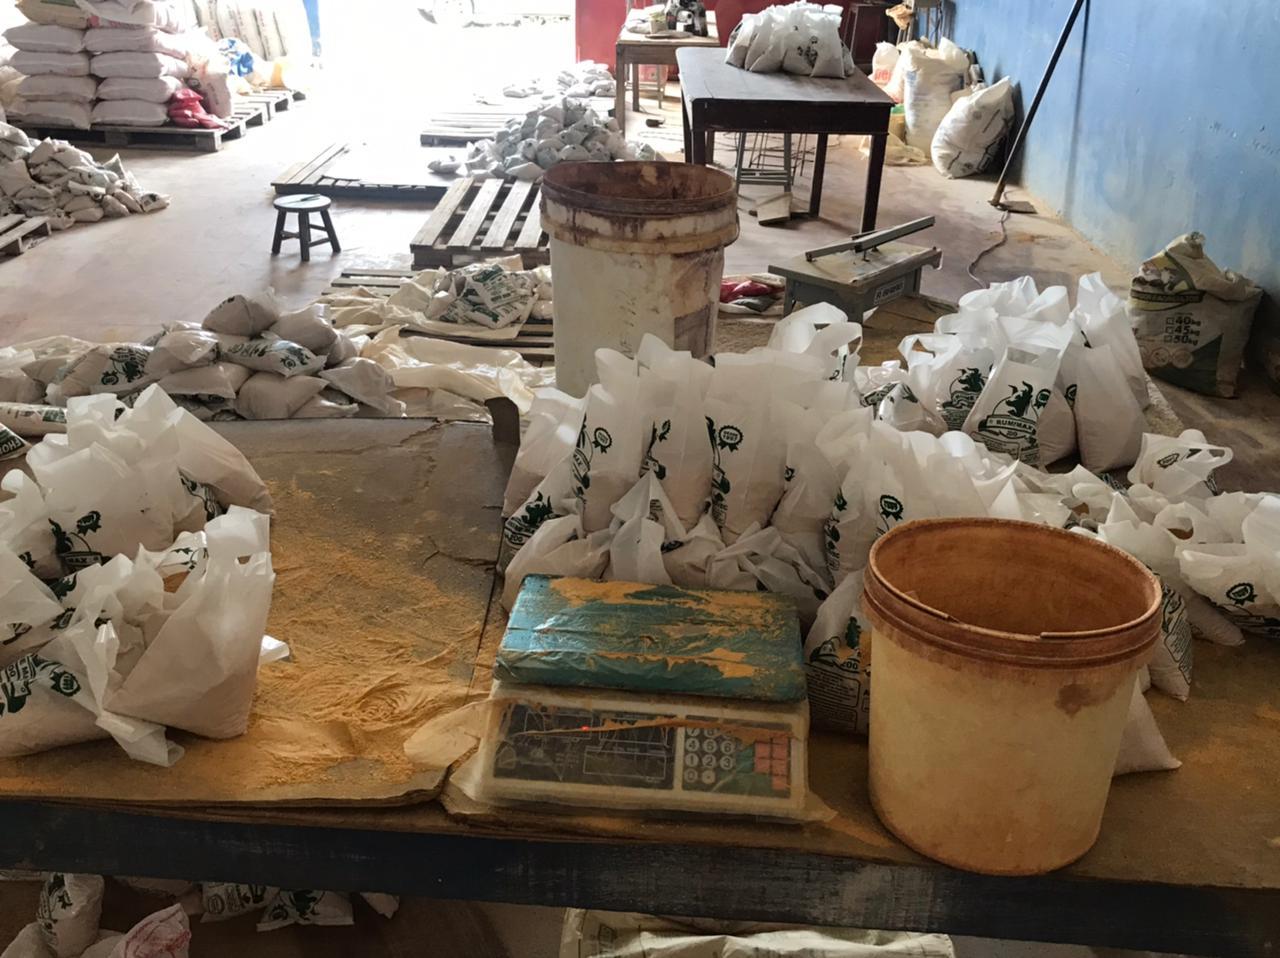 A indústria localizada no bairro Barro não tem registro no ministério da agricultura FOTO REDES SOCIAIS (2)